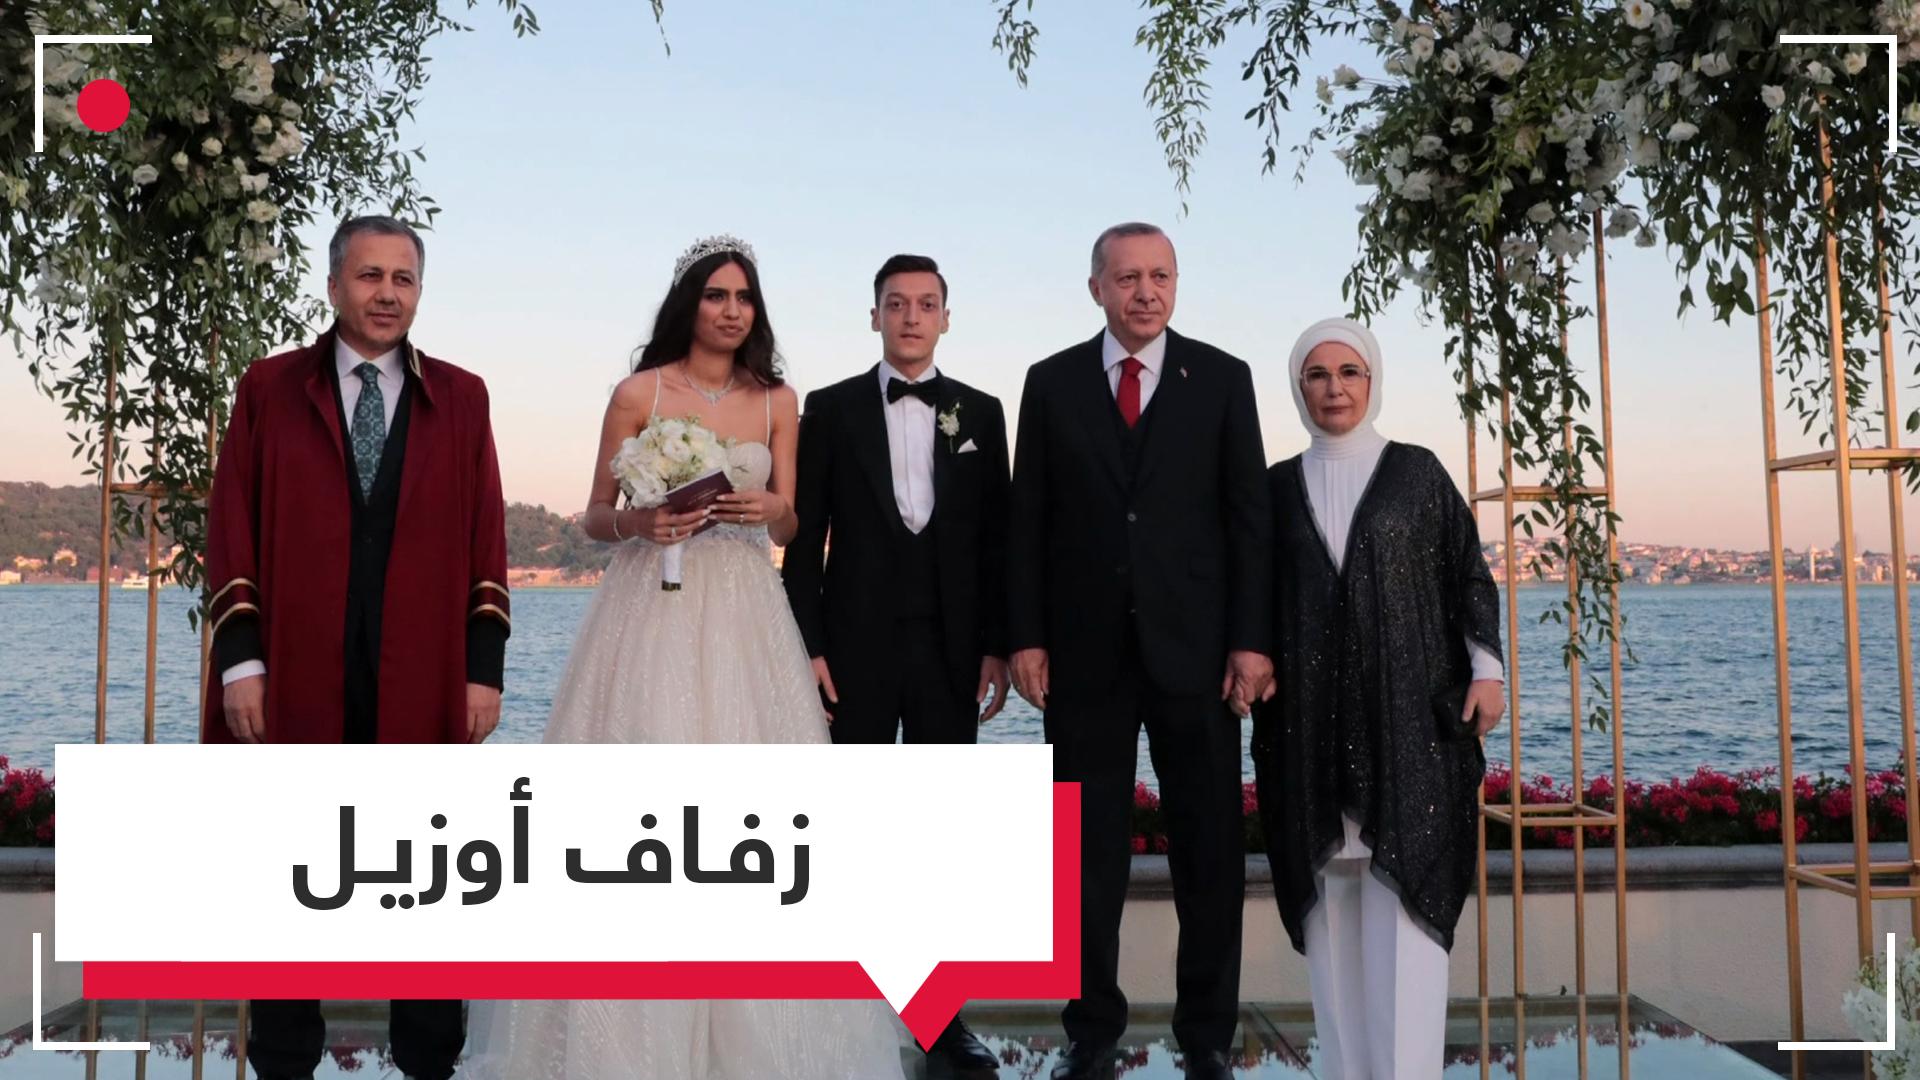 أردوغان يشهد على زواج أوزيل